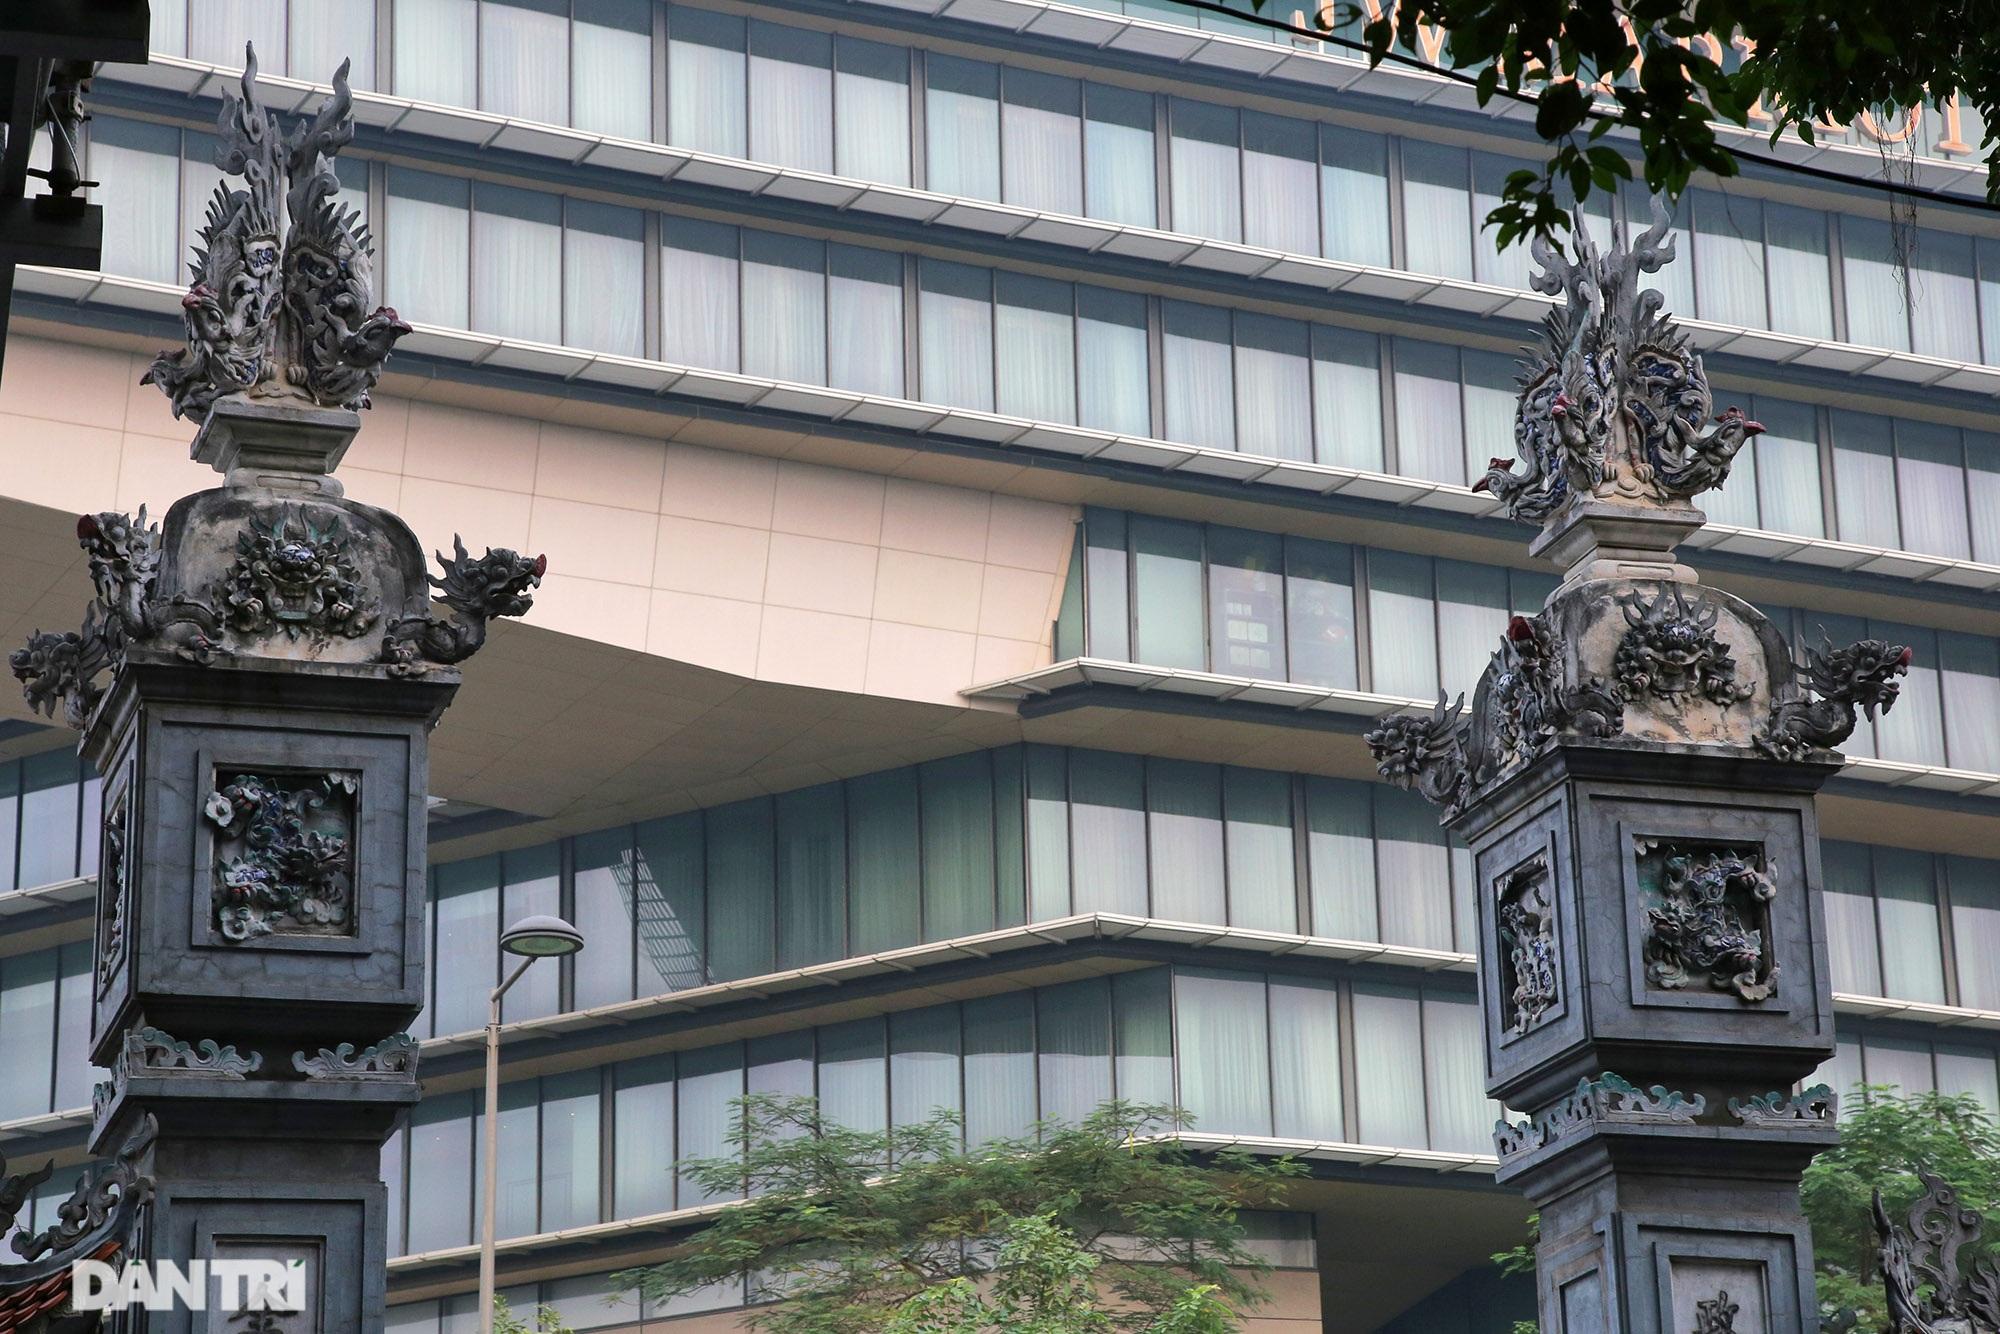 Nét hiện đại và xưa cũ trong không gian kiến trúc Hà Nội - 2